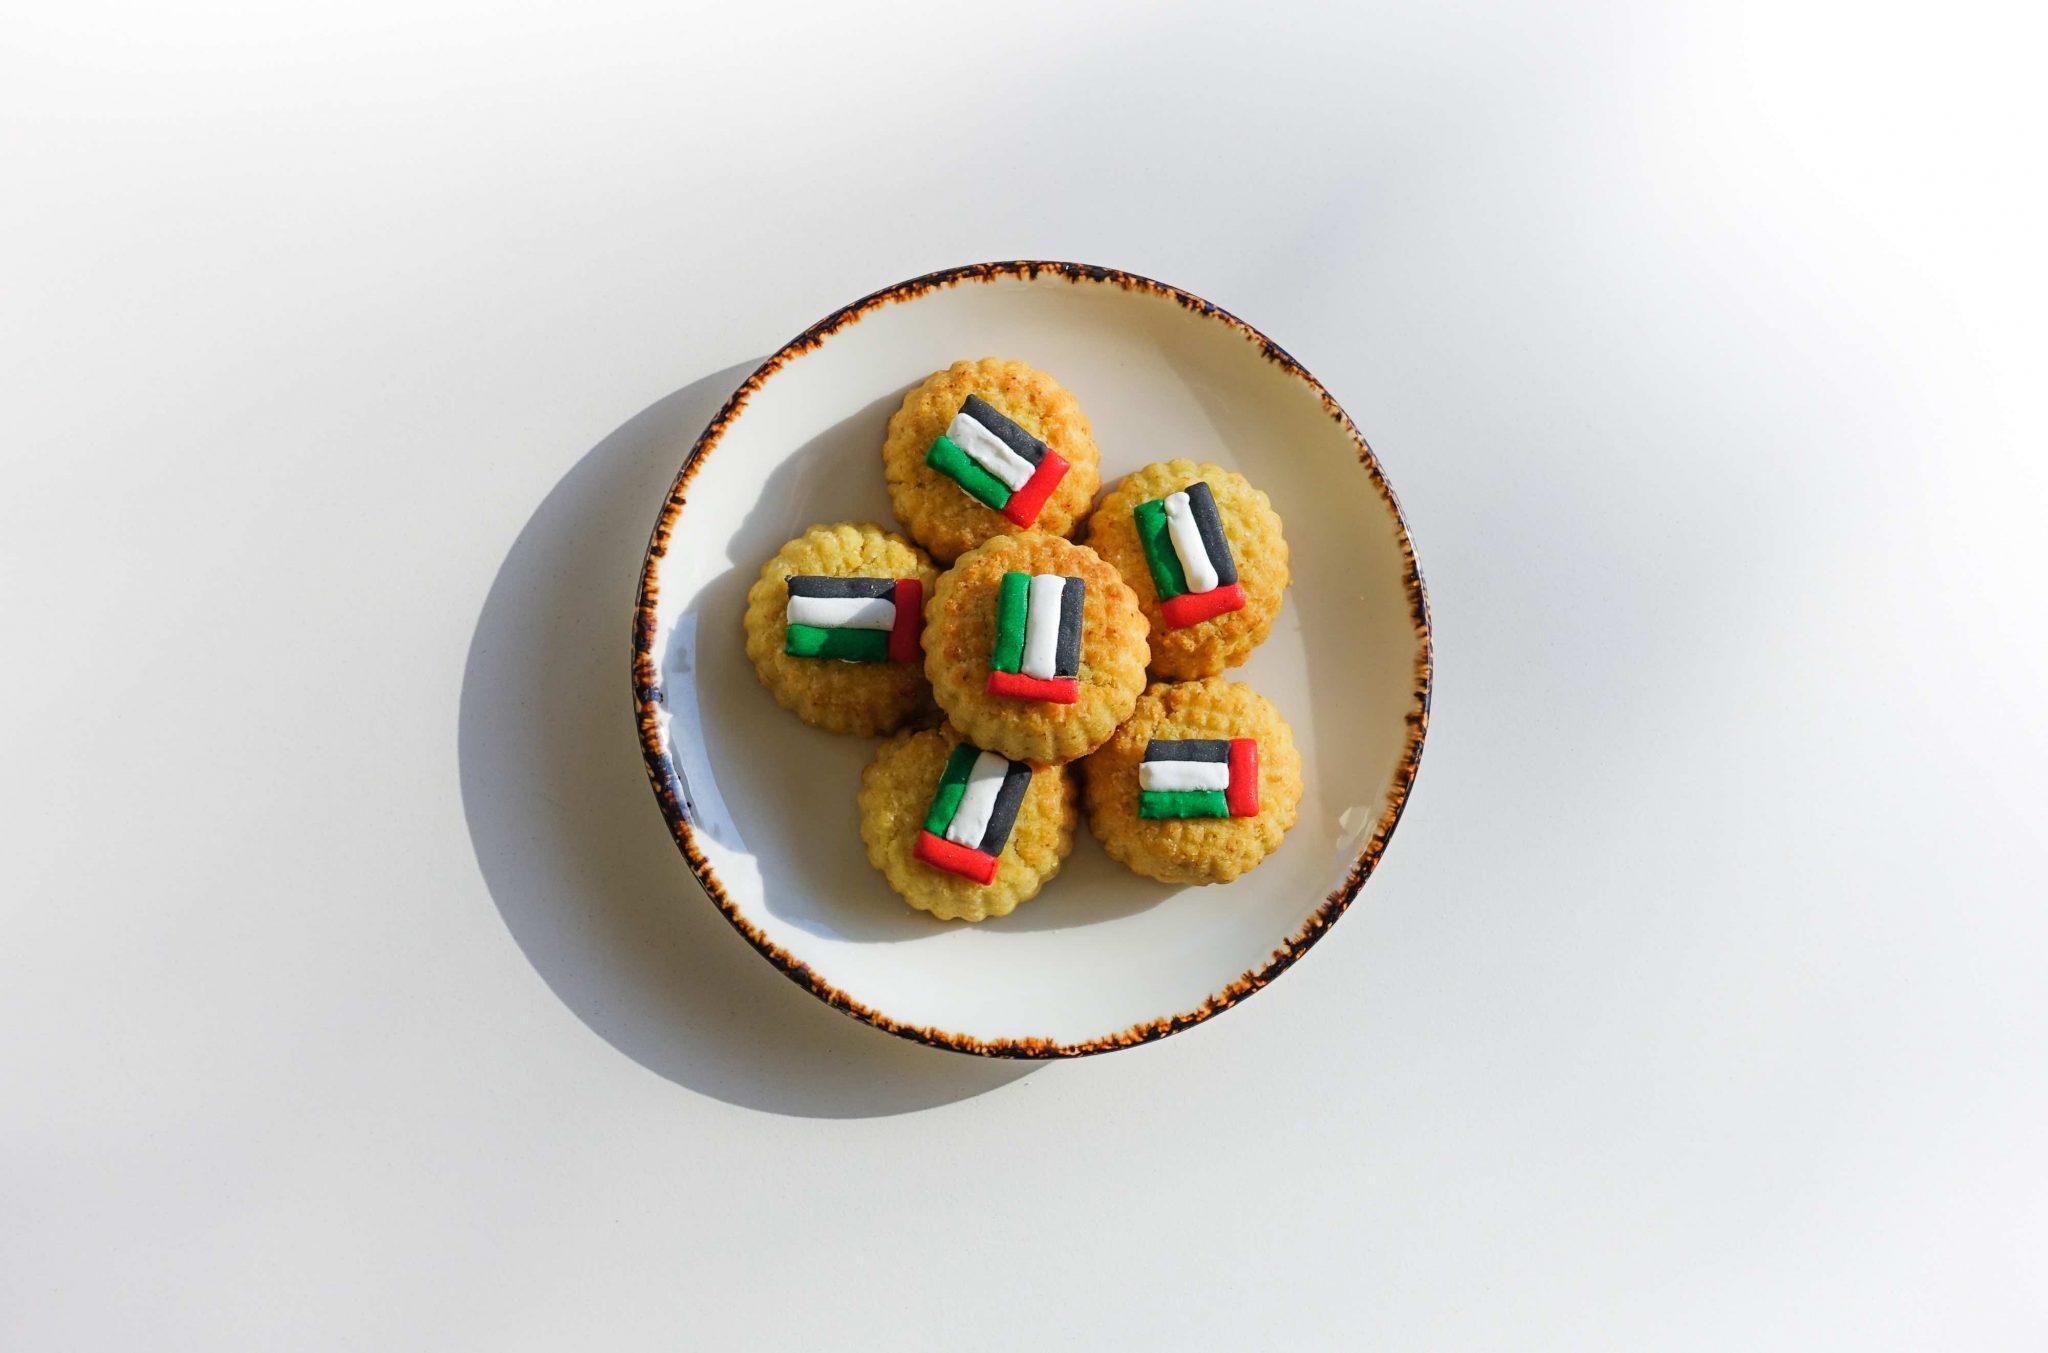 حلوى مجانية في مطعم شبابيك